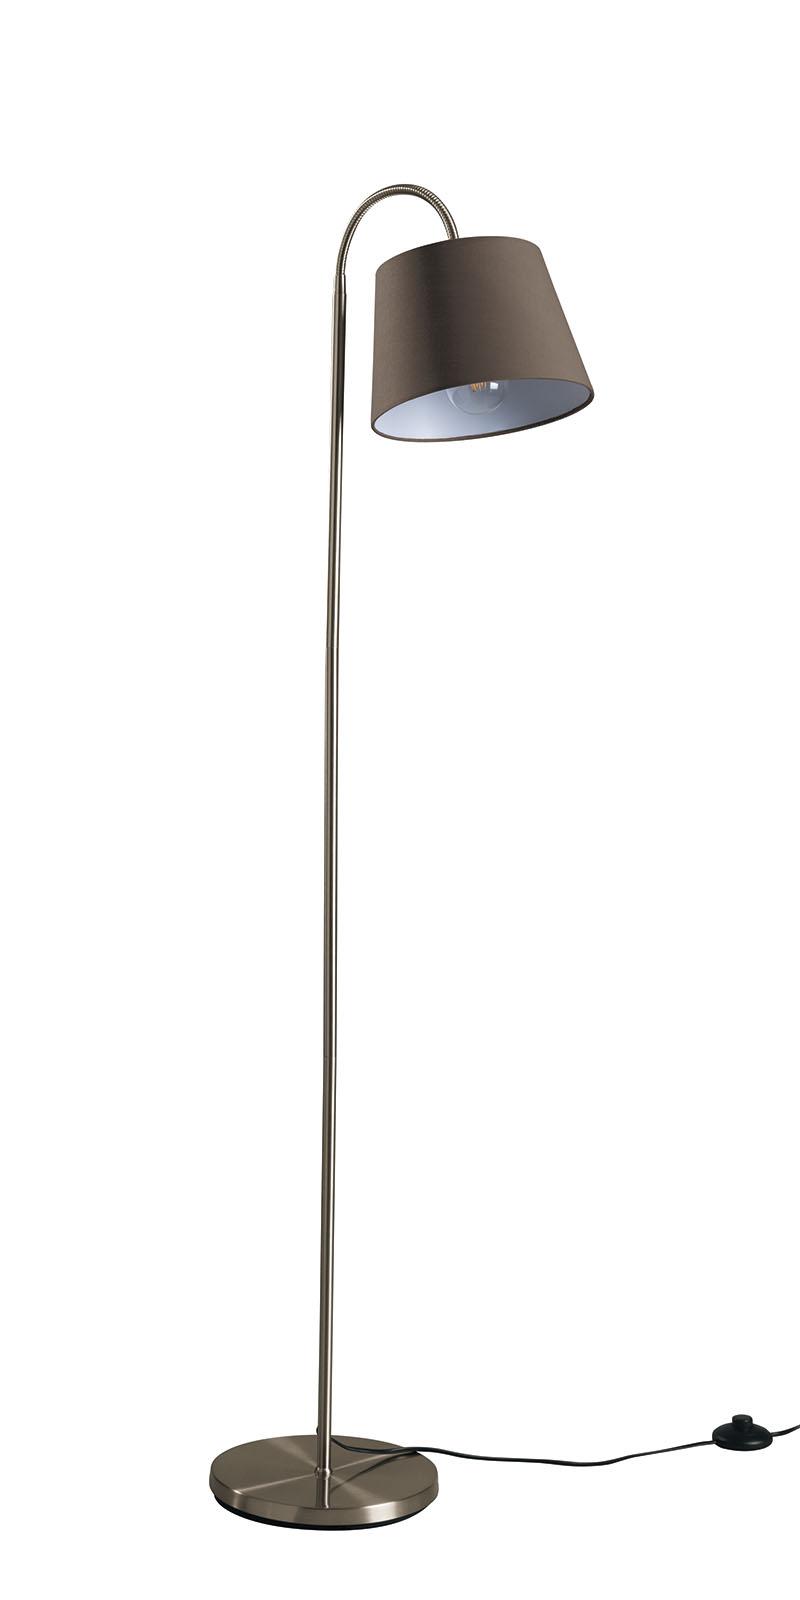 beistellleuchte led textil taupe stehlampe stehlampe leselampe ebay. Black Bedroom Furniture Sets. Home Design Ideas